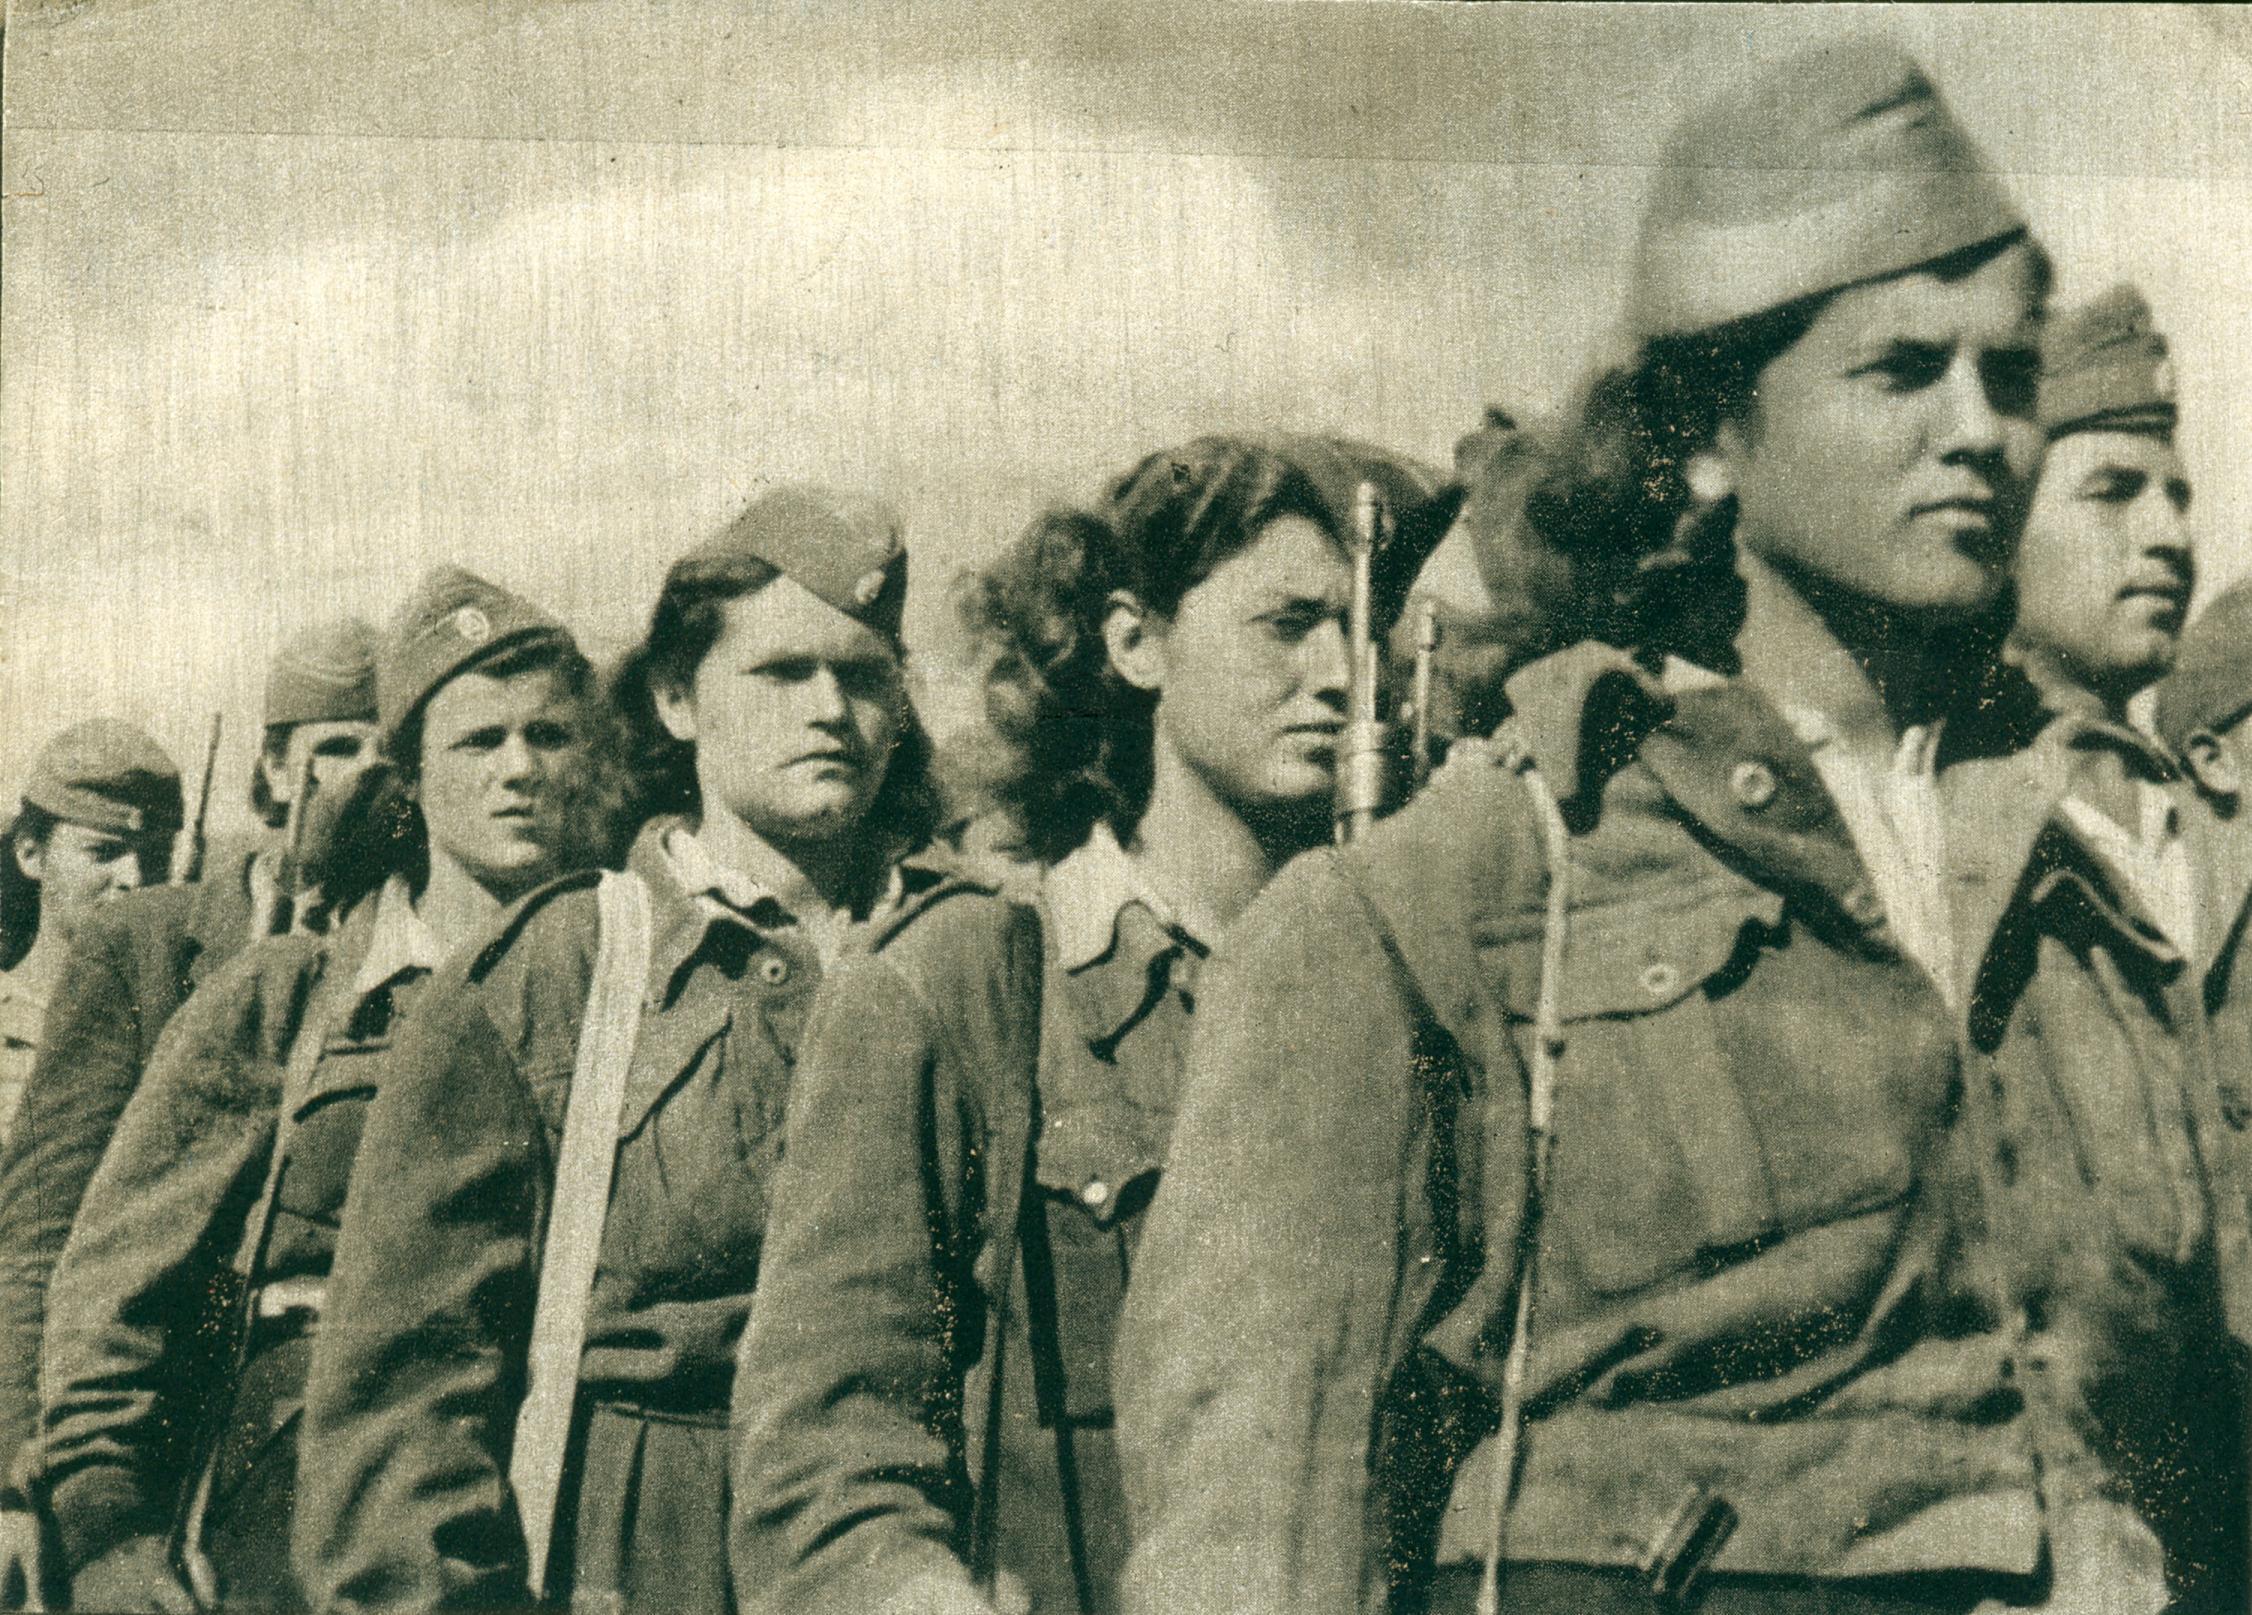 Αποτέλεσμα εικόνας για greece 1940 hunger